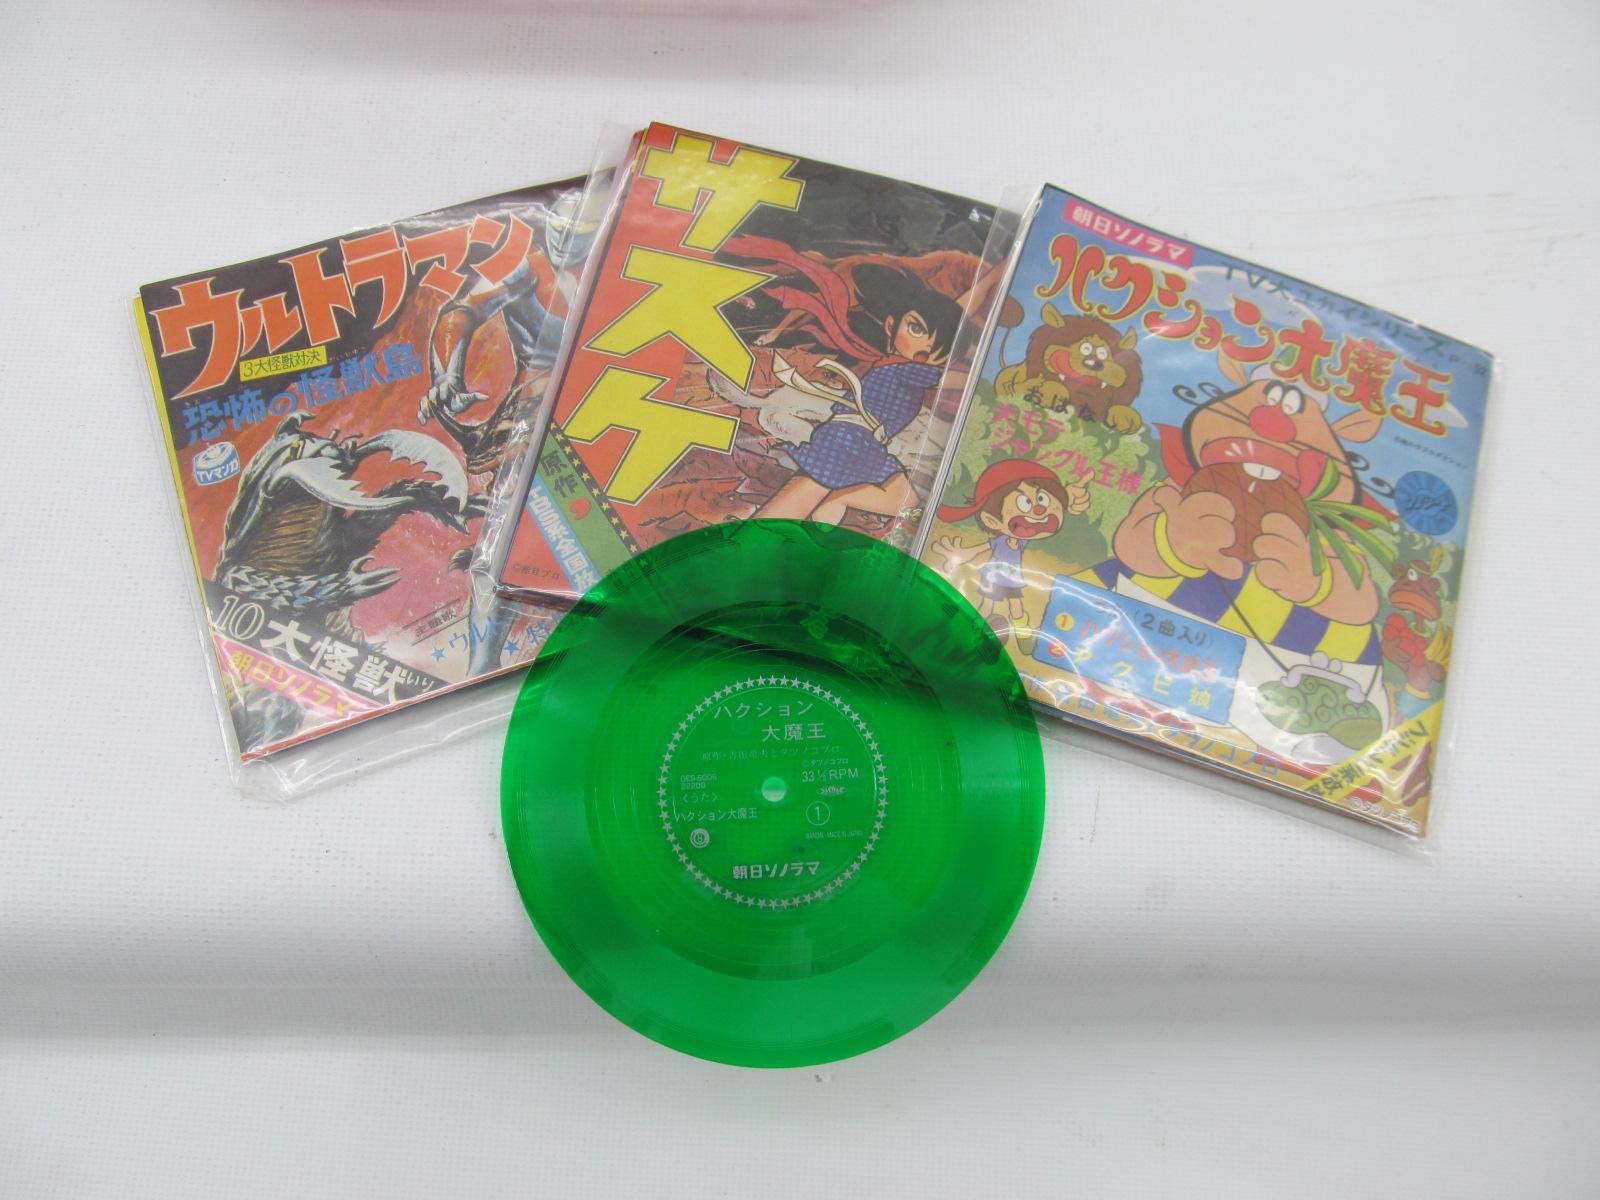 超スモールサイズのレコードプレーヤー!_[3]